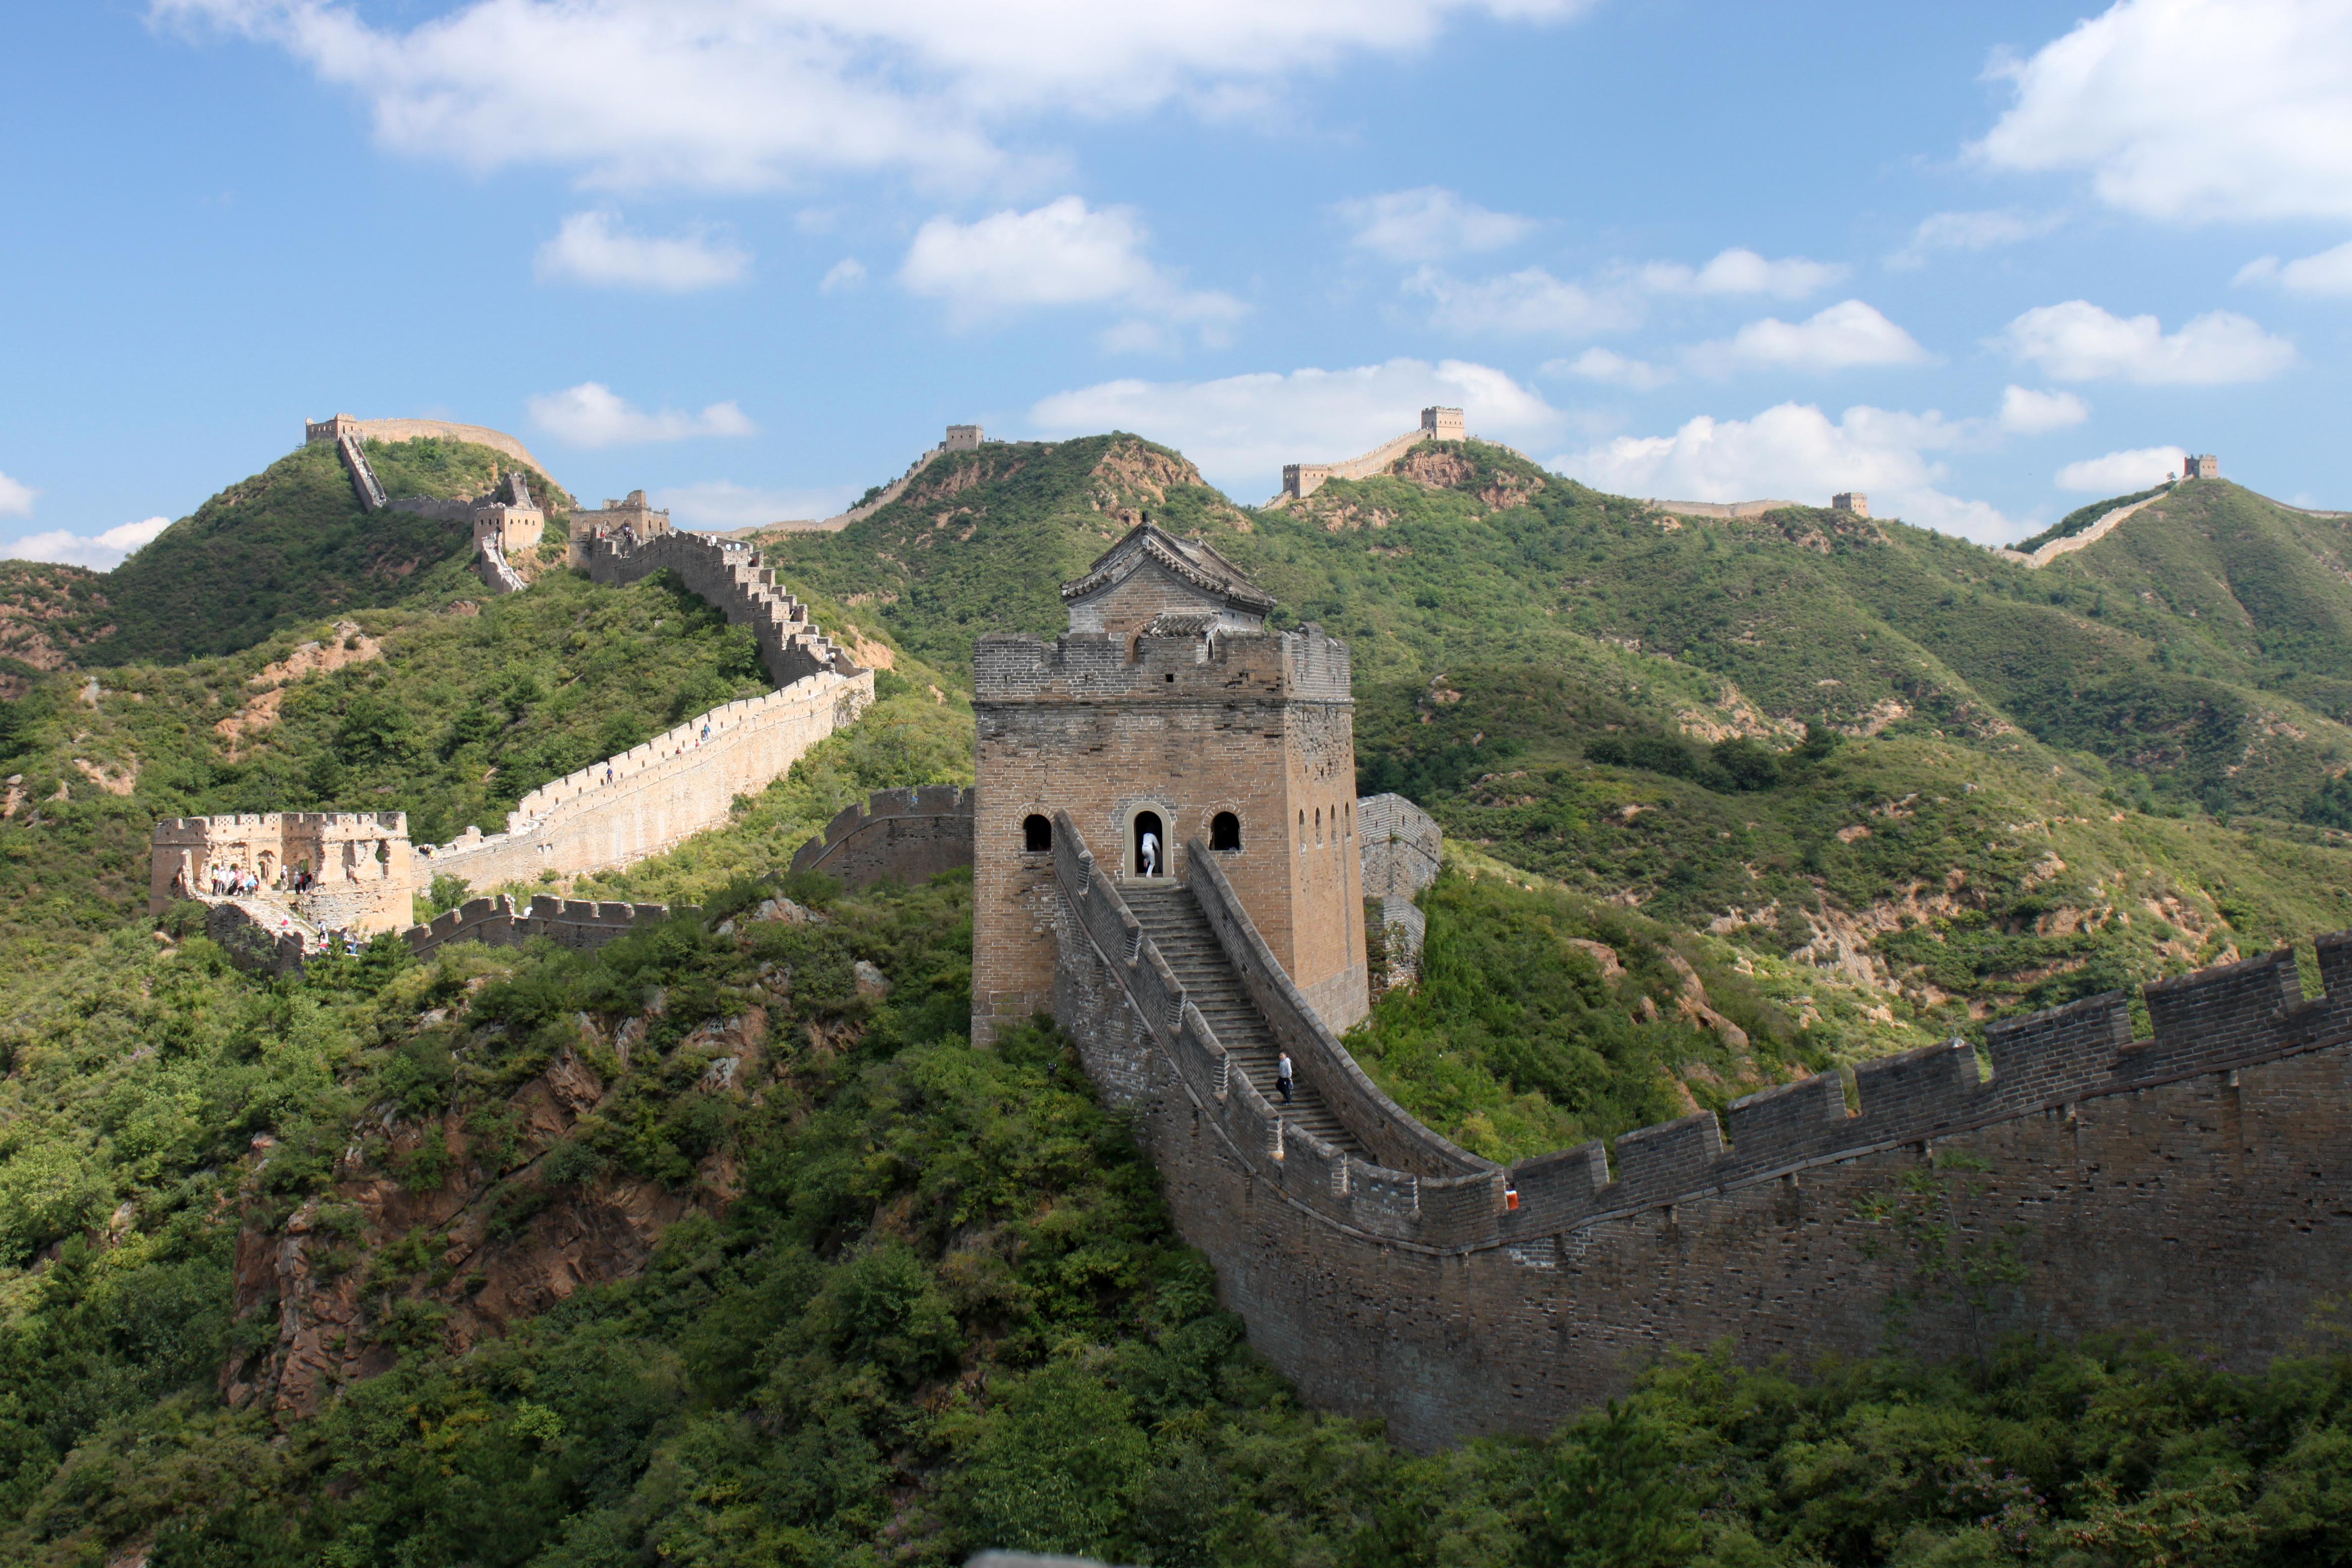 Trekking the Great Wall at Simatai and Jinshanling